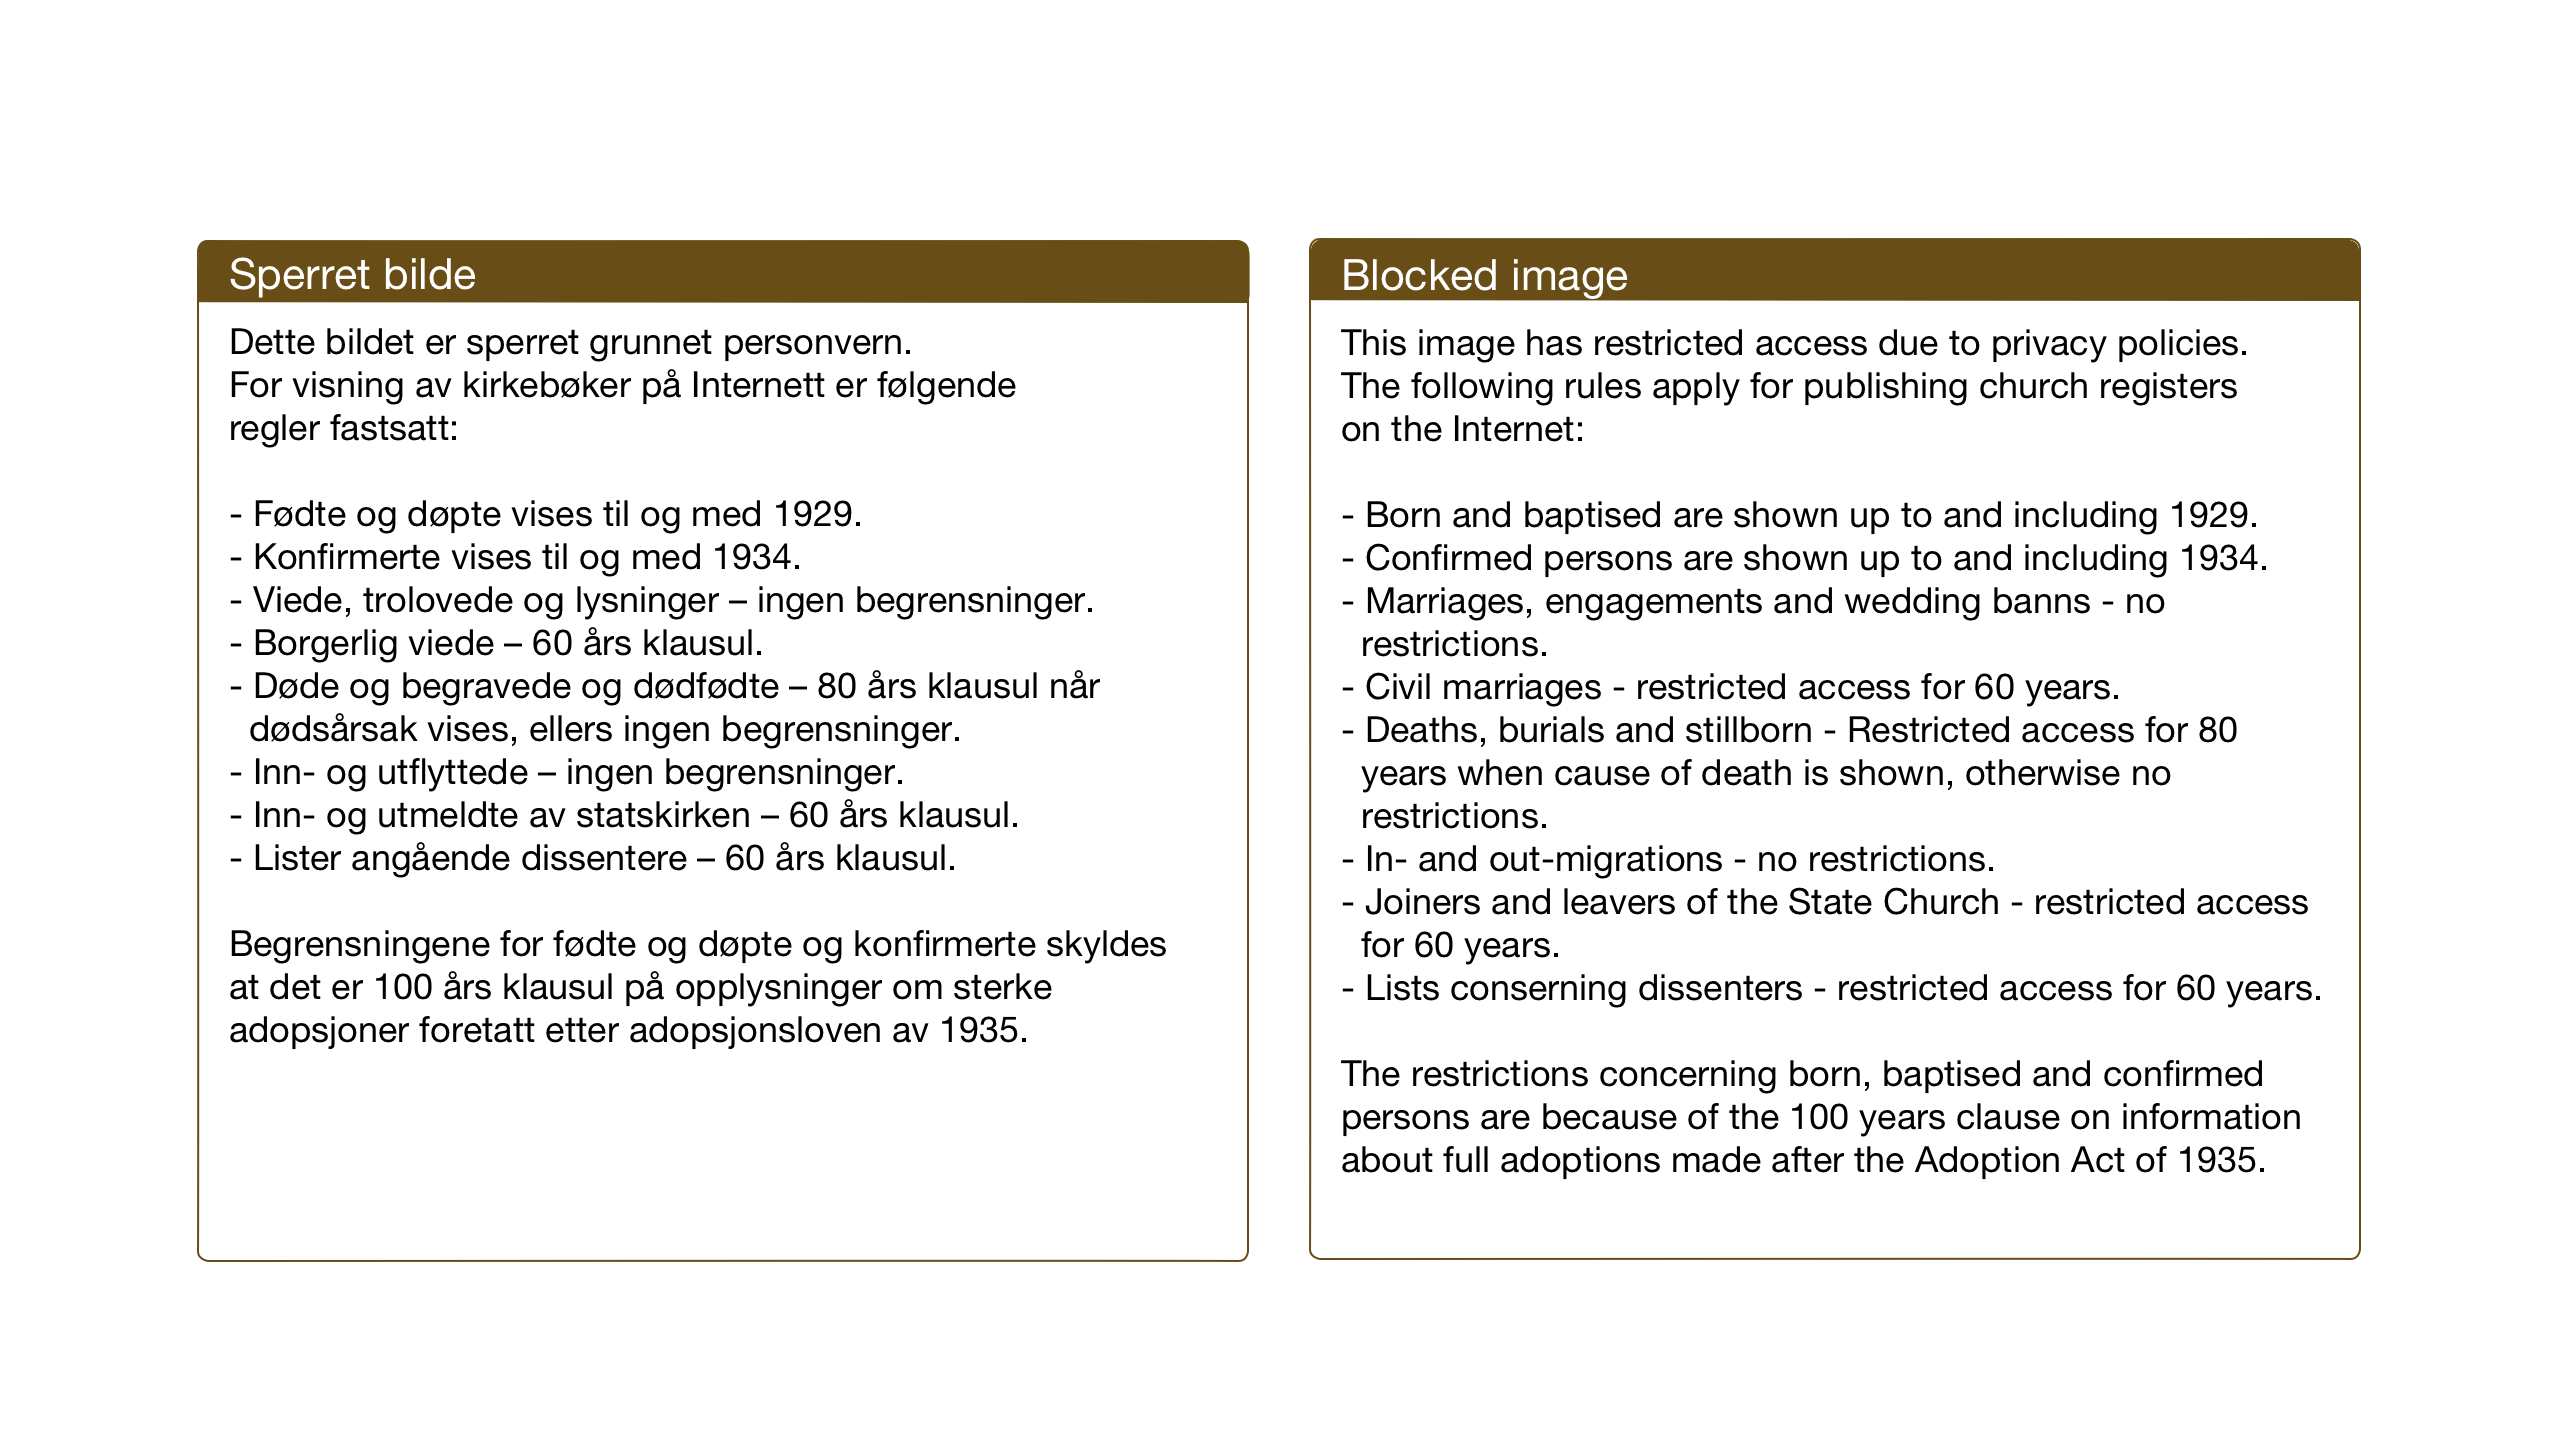 SAT, Ministerialprotokoller, klokkerbøker og fødselsregistre - Nord-Trøndelag, 714/L0136: Klokkerbok nr. 714C05, 1918-1957, s. 255